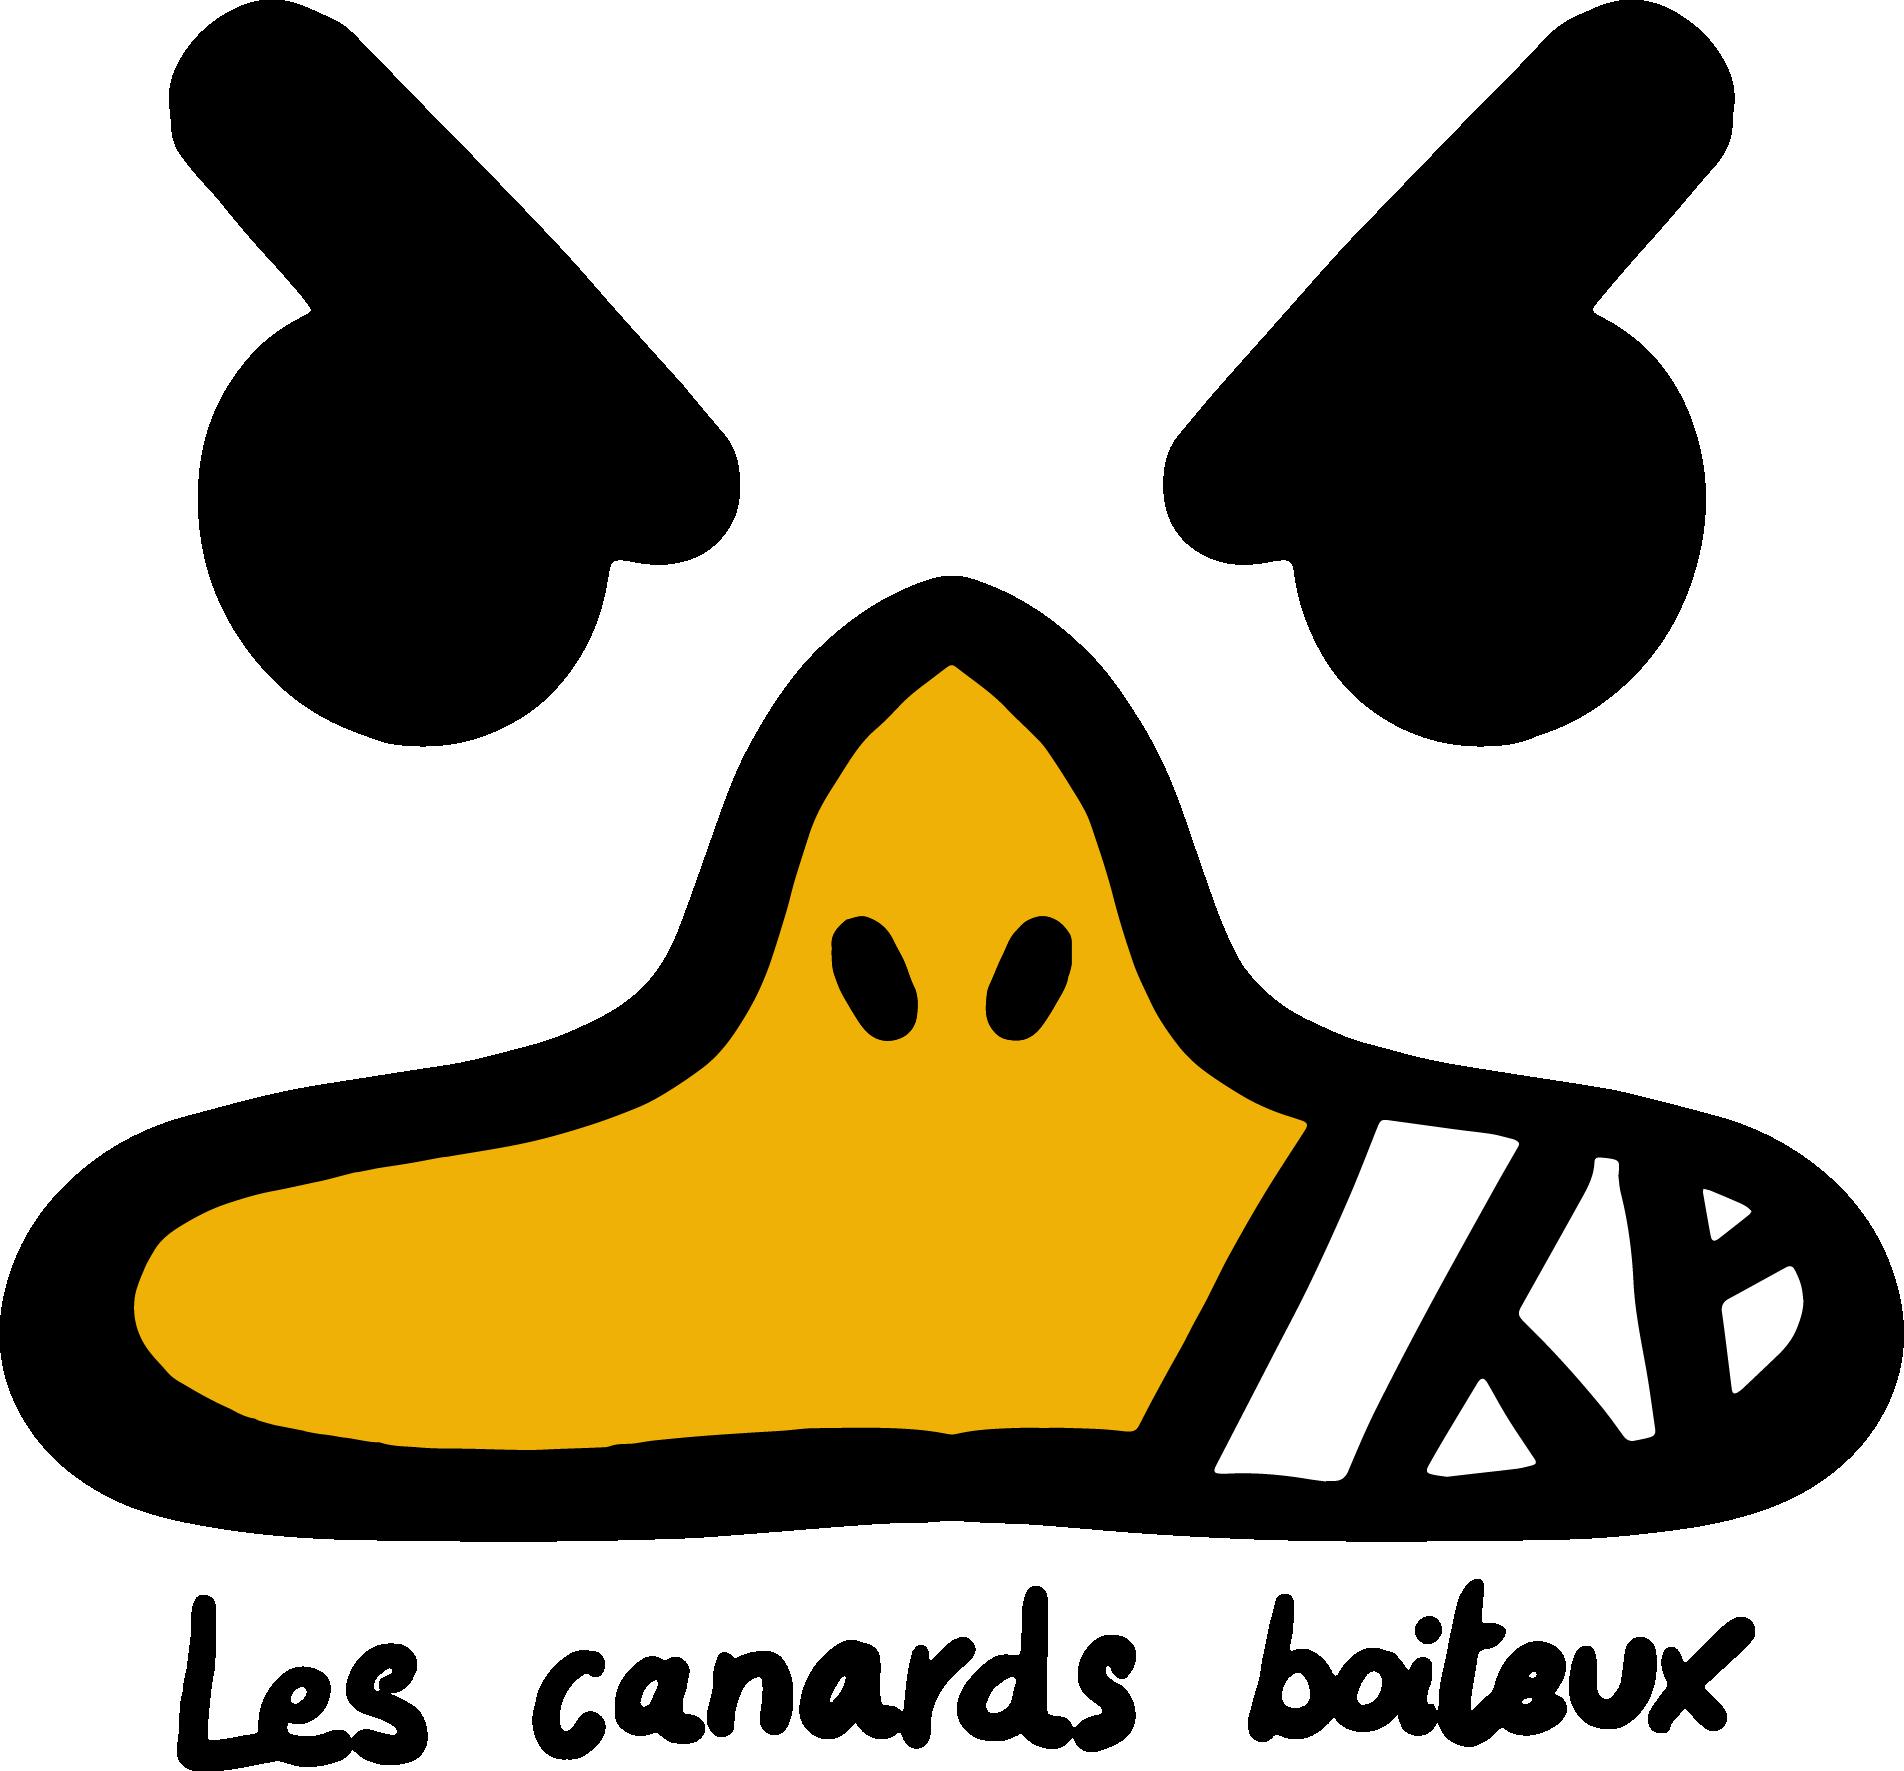 Les Canards Boiteux